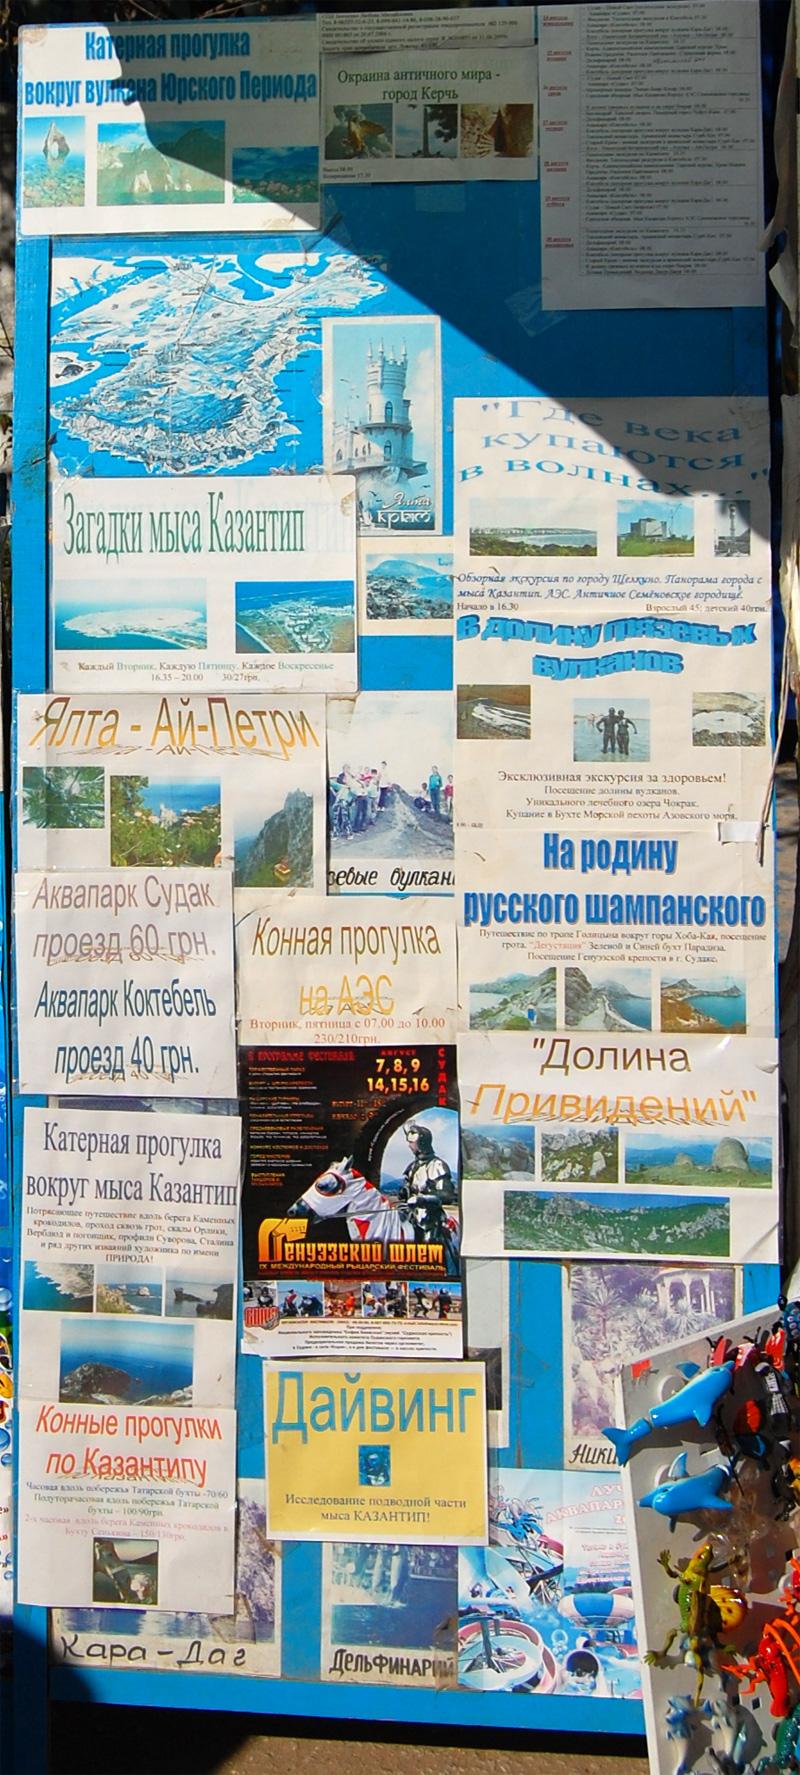 Экскурсии в Щелкино